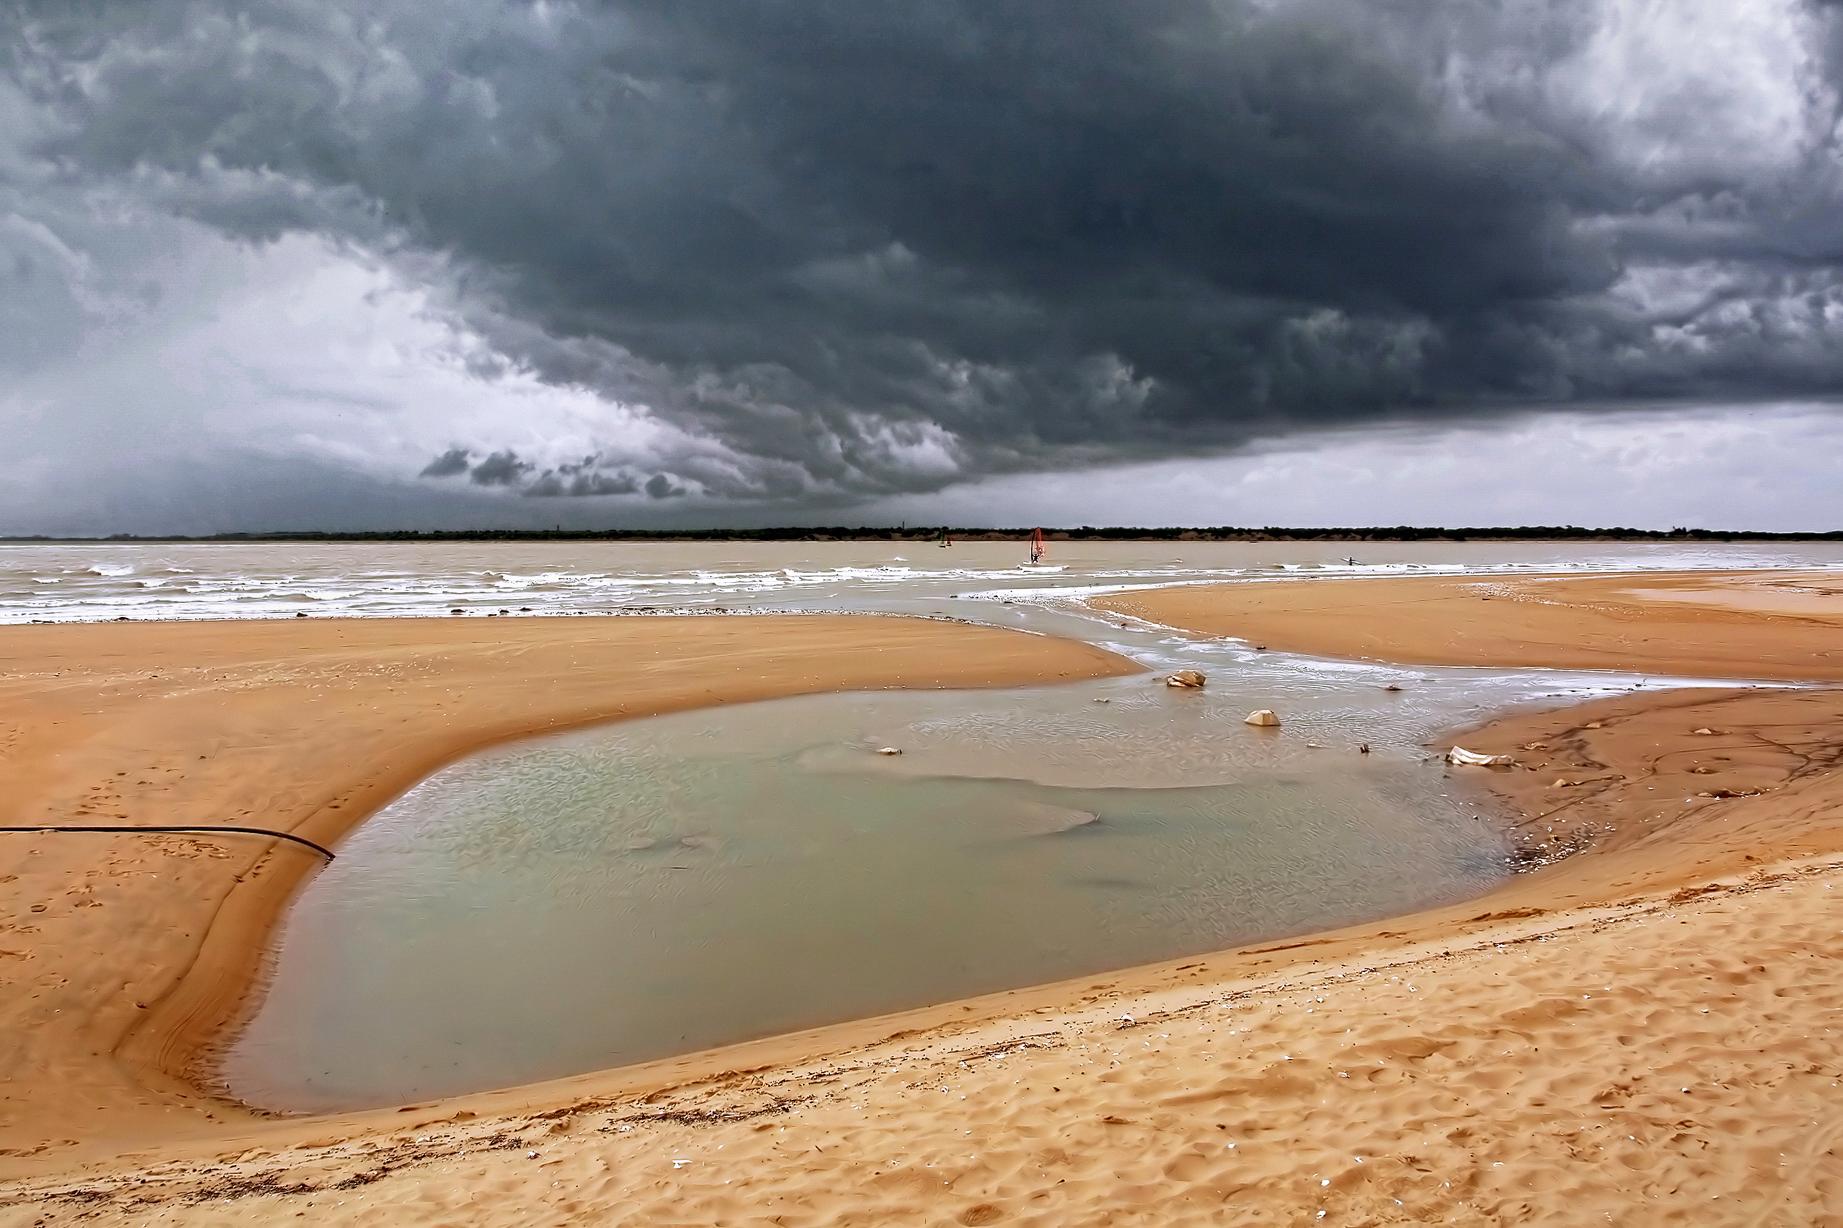 Foto playa La Calzada / El Hipódromo / Playa de Sanlúcar. Playa de Bajo de Guía (Sanlúcar de Barrameda). Bajo de Guía Beach (Sanlúcar de Barrameda).